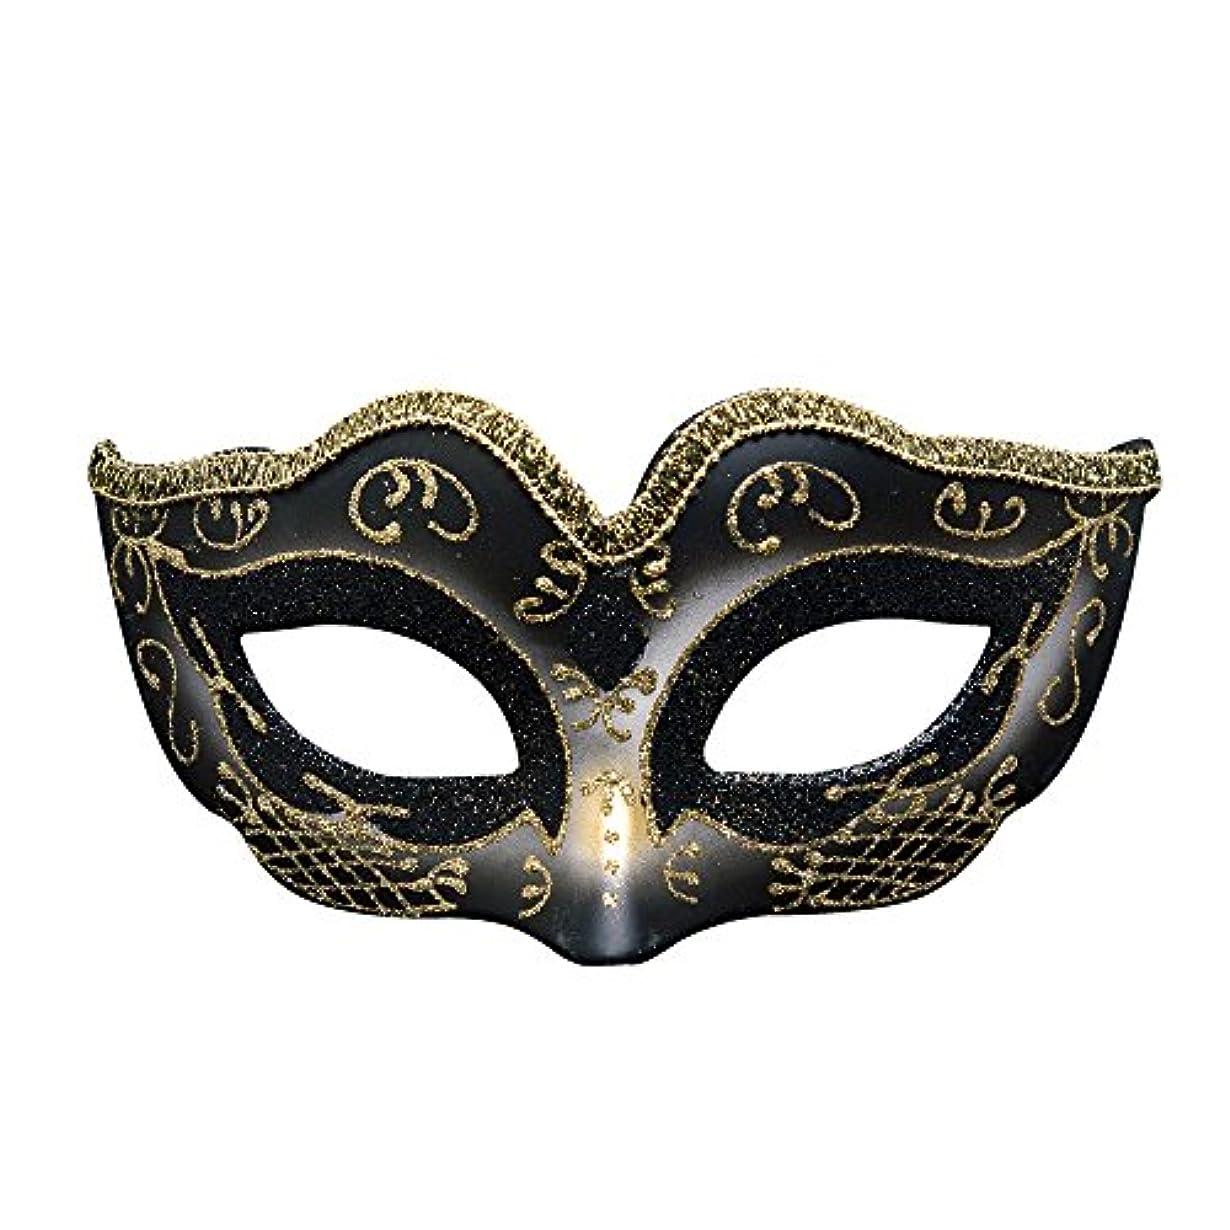 真似る流暢フォーマットクリエイティブカスタム子供のなりすましパーティーハロウィーンマスククリスマス雰囲気マスク (Color : B)